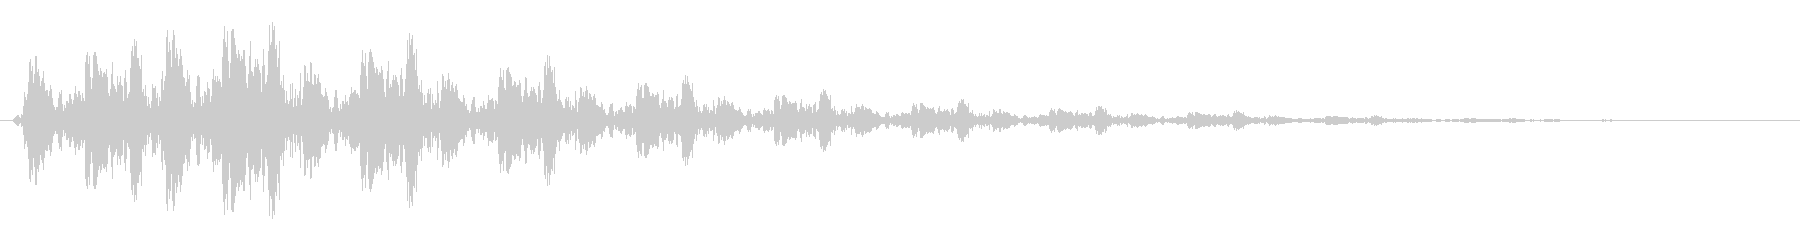 ピヨヨヨヨン(バネがのびるような決定音)の未再生の波形